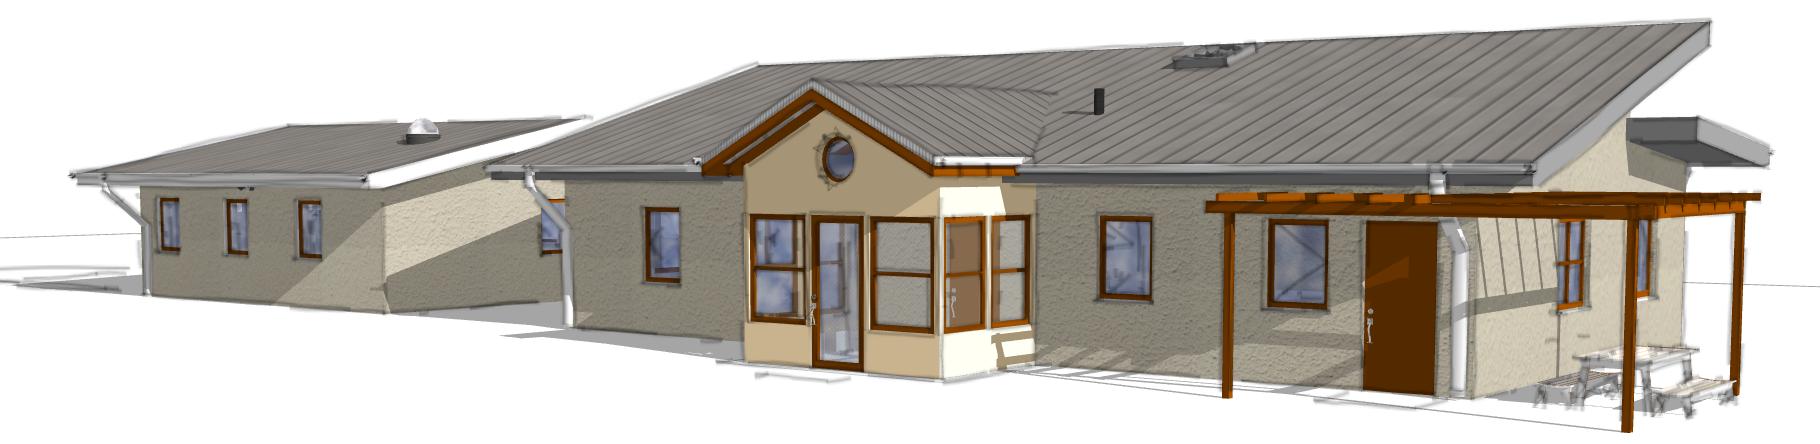 Rendering of Strawbale House in Temecula